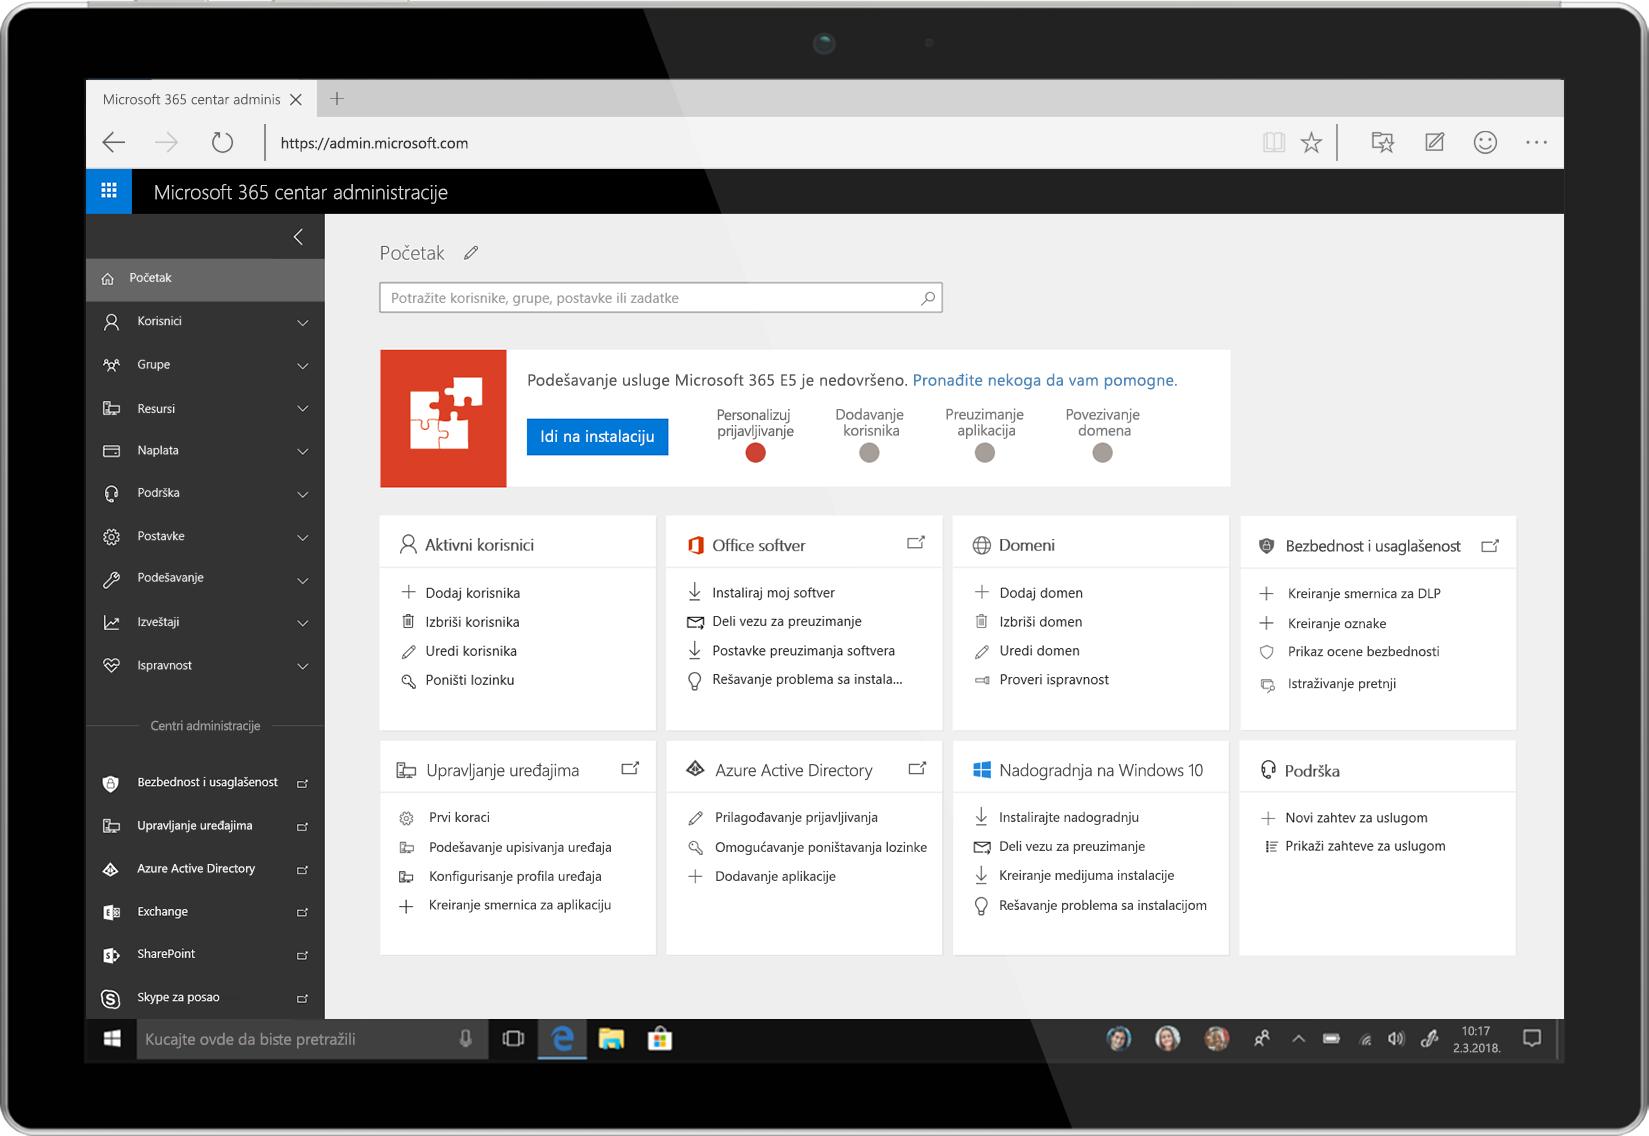 Slika tablet računara koji prikazuje Microsoft 365 centar administracije.